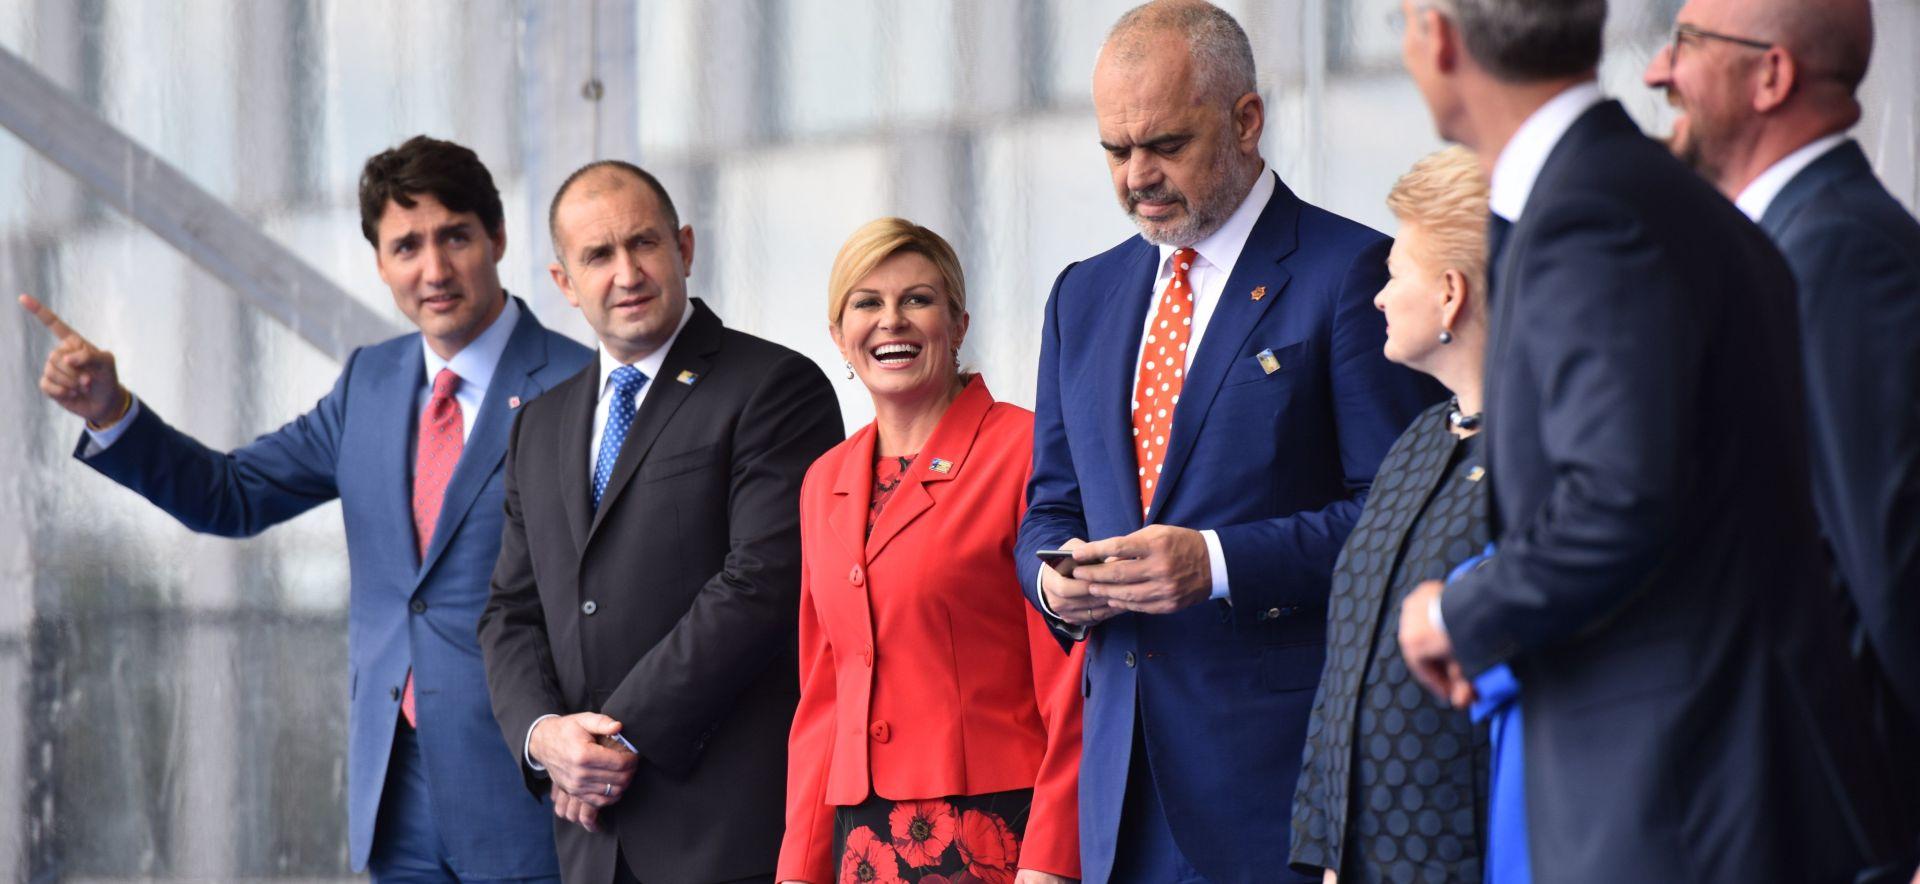 """PREDSJEDNICA """"Uspješan summit NATO-a unatoč povremenim napetostima"""""""